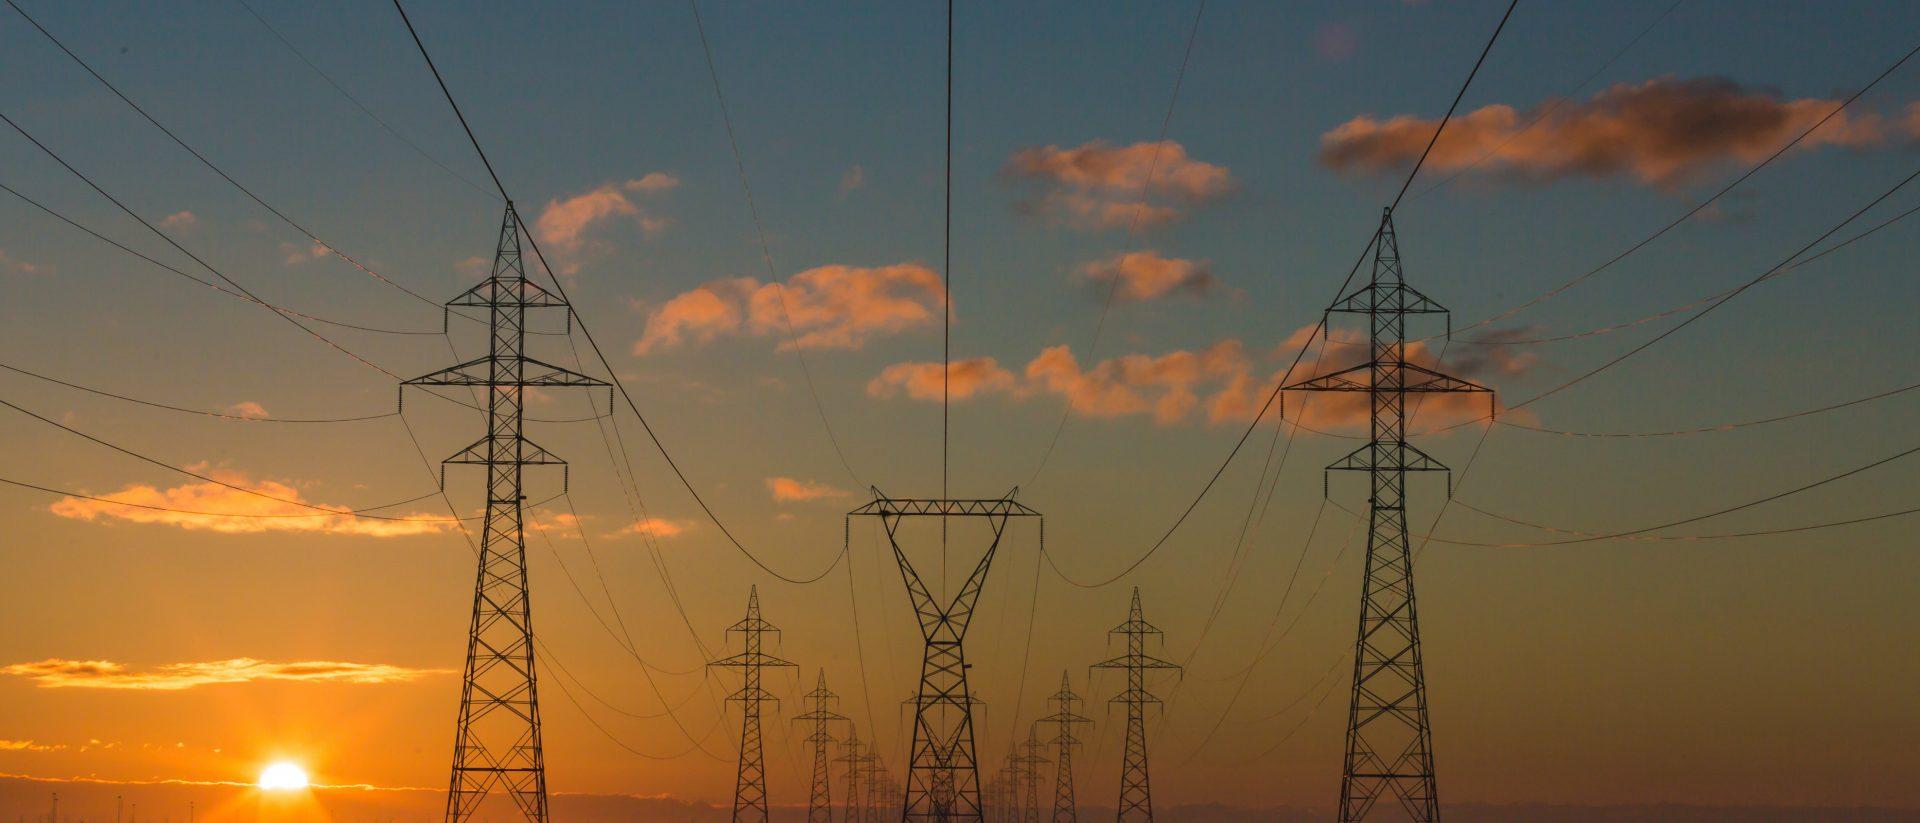 matthew-henry-134263 unsplash power lines crop sm